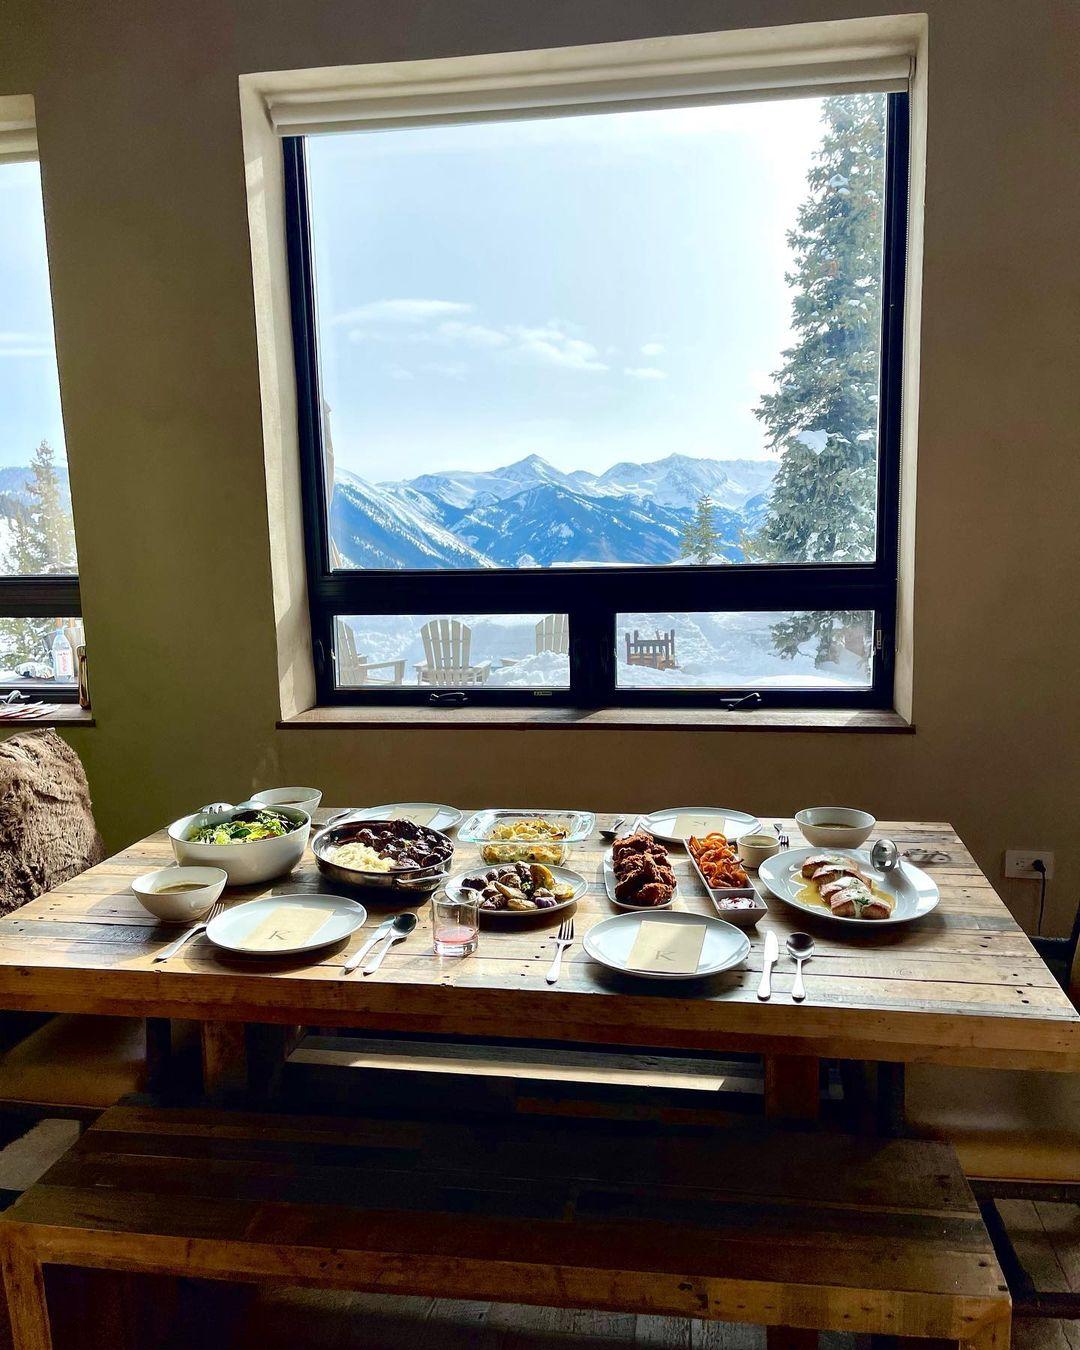 В заснеженных горах: Кайли и Кендалл Дженнер показали идеальный день в Аспене